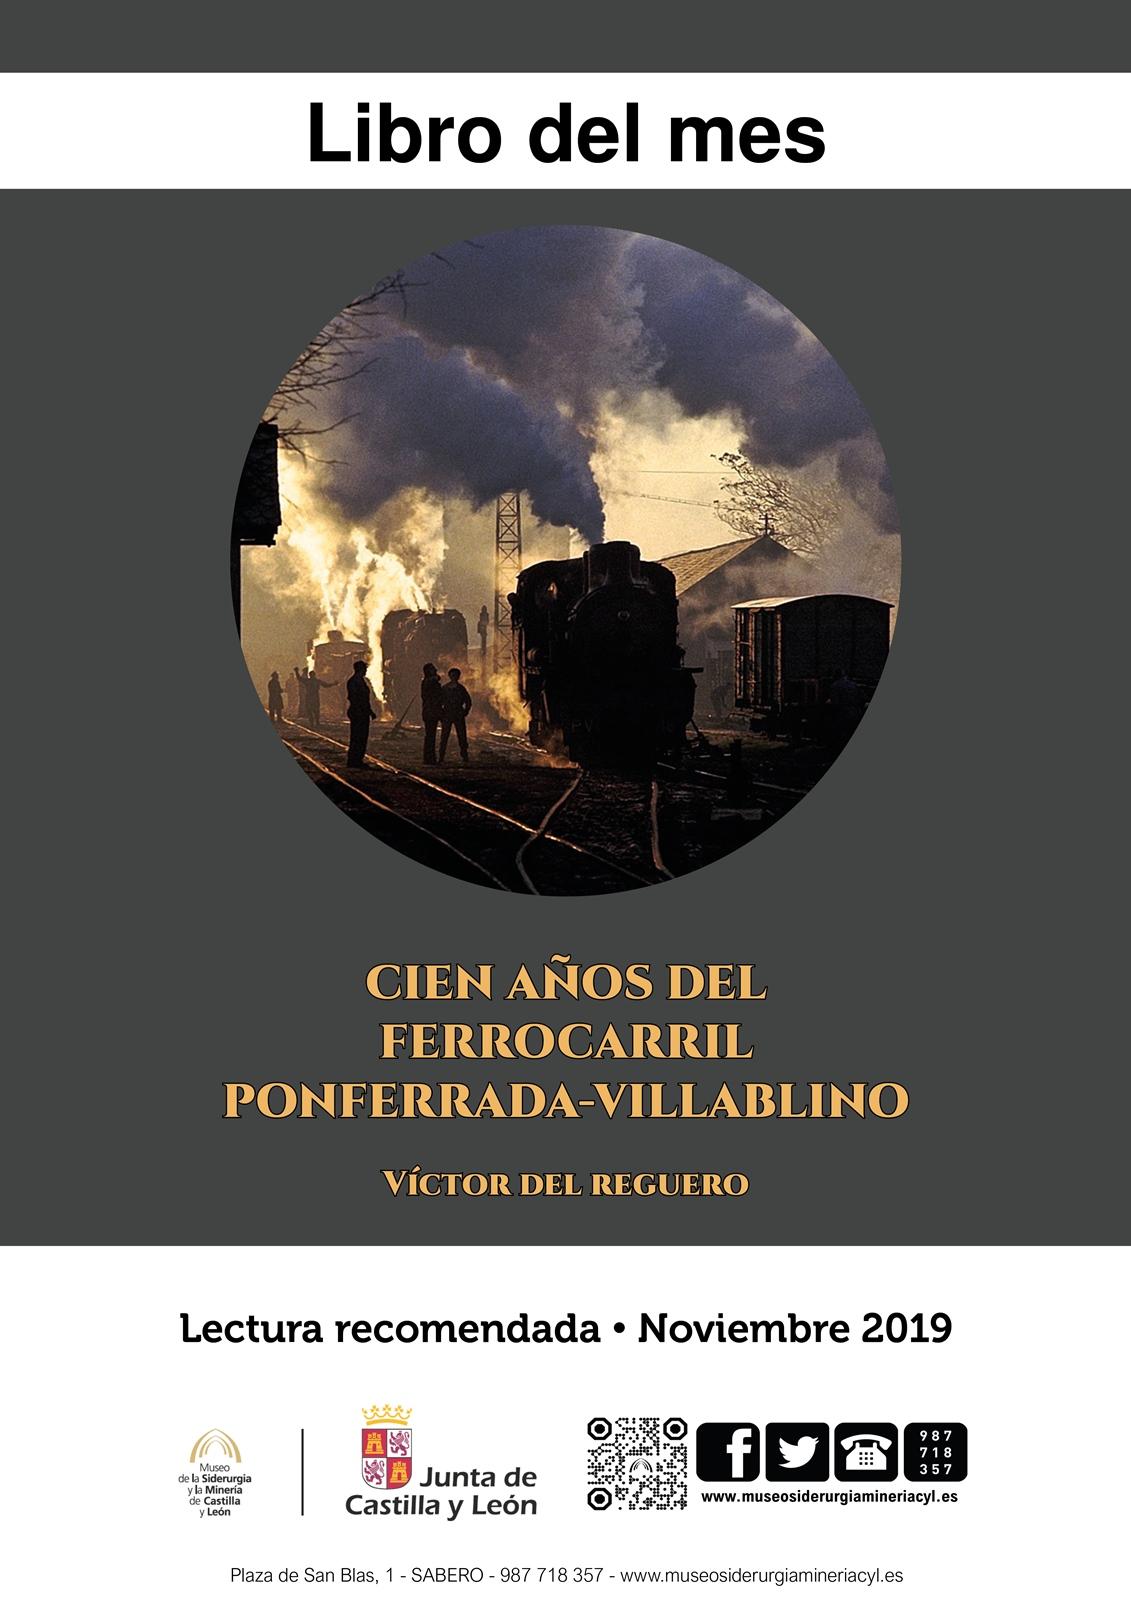 """LIBRO DEL MES. """"CIEN AÑOS DEL FERROCARRIL PONFERRADA-VILLABLINO"""". EJEMPLAR PRESTADO POR EL MUSEO."""